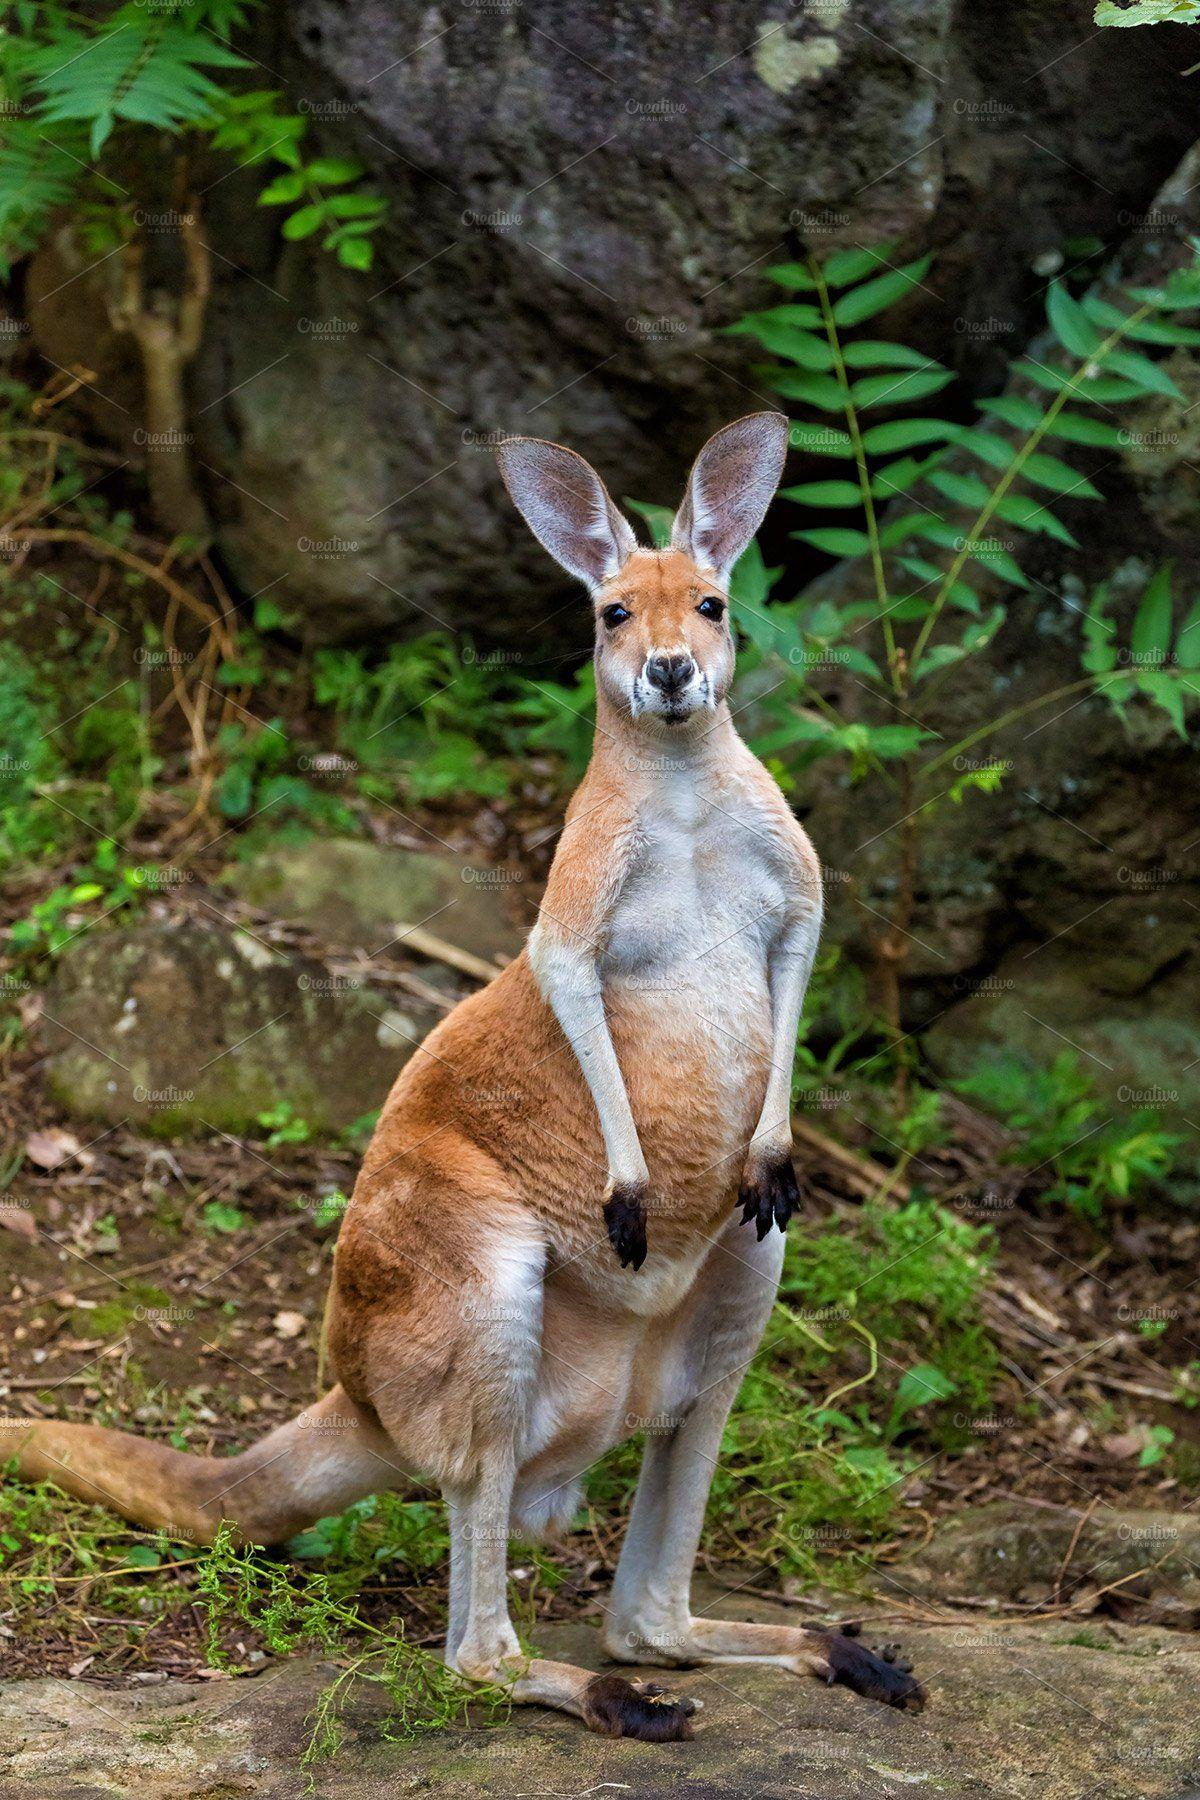 Red Kangaroo In 2020 Red Kangaroo Australian Native Animals Australia Animals